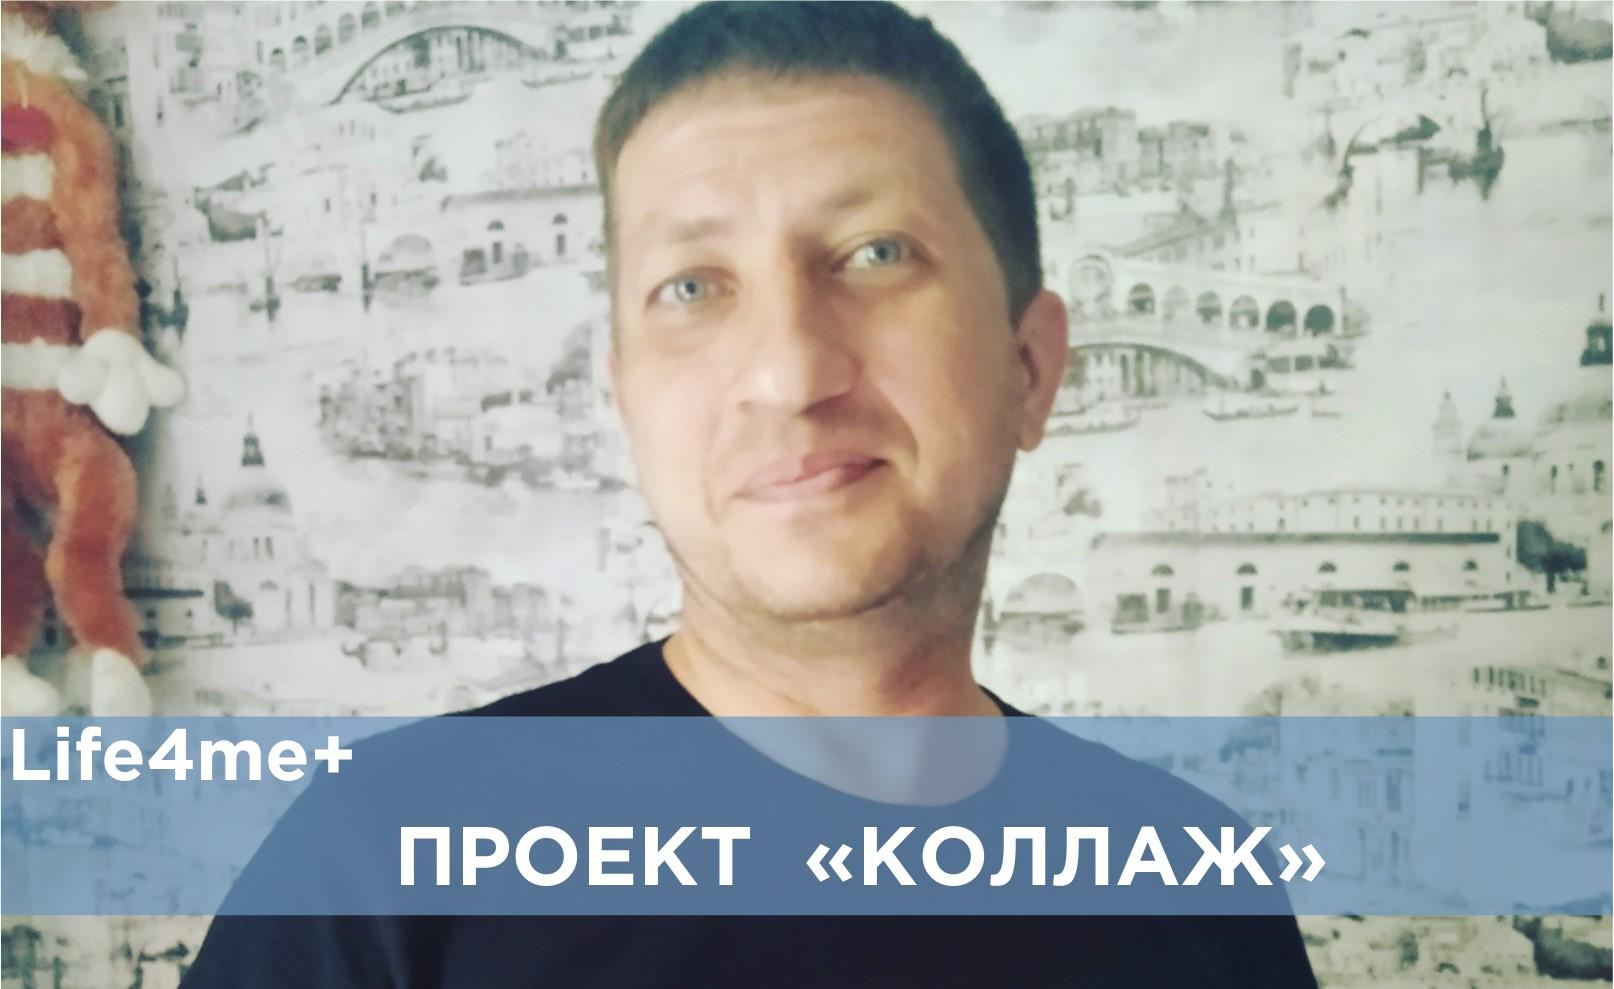 """Коллаж: """"То, что я выжил – это чудо"""", - Сергей Носов - зображення 1"""